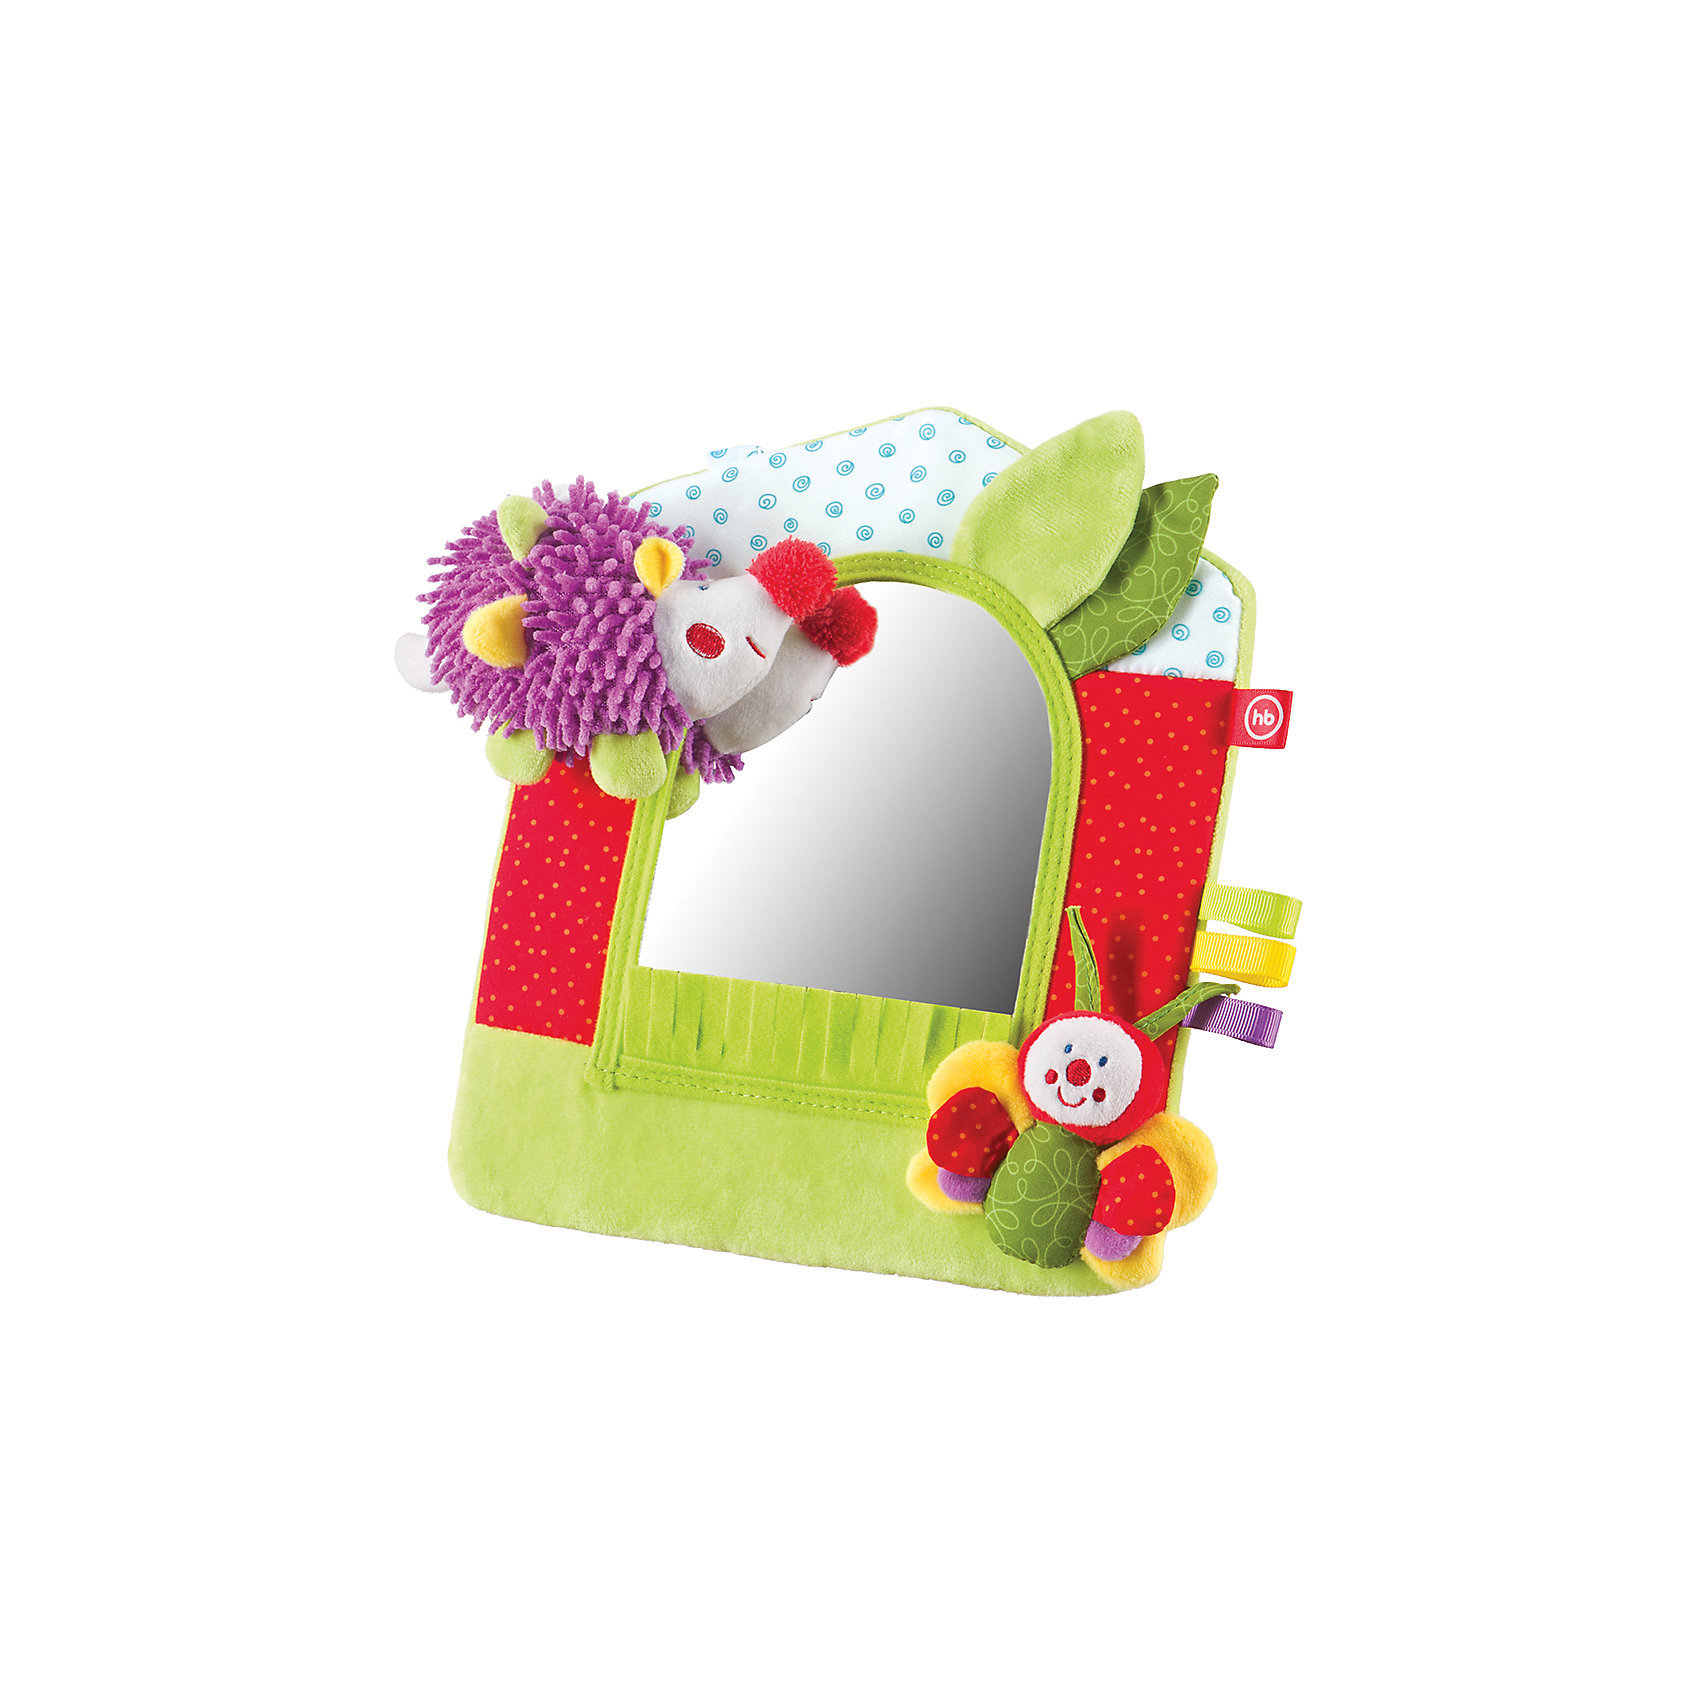 Развивающая игрушка Зеркало Lovely Garden, Happy BabyИгрушки для малышей<br>Безопасное зеркало LOVELY GARDEN снабжено подставкой и является не просто игрушкой, которая играет огромную роль в осознании ребёнком себя, но и отличным способом украсить интерьер детской комнаты. Детское зеркало оформлено в виде лесной полянки, на которой под шуршащими листочками живёт маленький ёжик.<br><br>Ширина мм: 37<br>Глубина мм: 205<br>Высота мм: 300<br>Вес г: 165<br>Возраст от месяцев: 0<br>Возраст до месяцев: 18<br>Пол: Унисекс<br>Возраст: Детский<br>SKU: 5621706